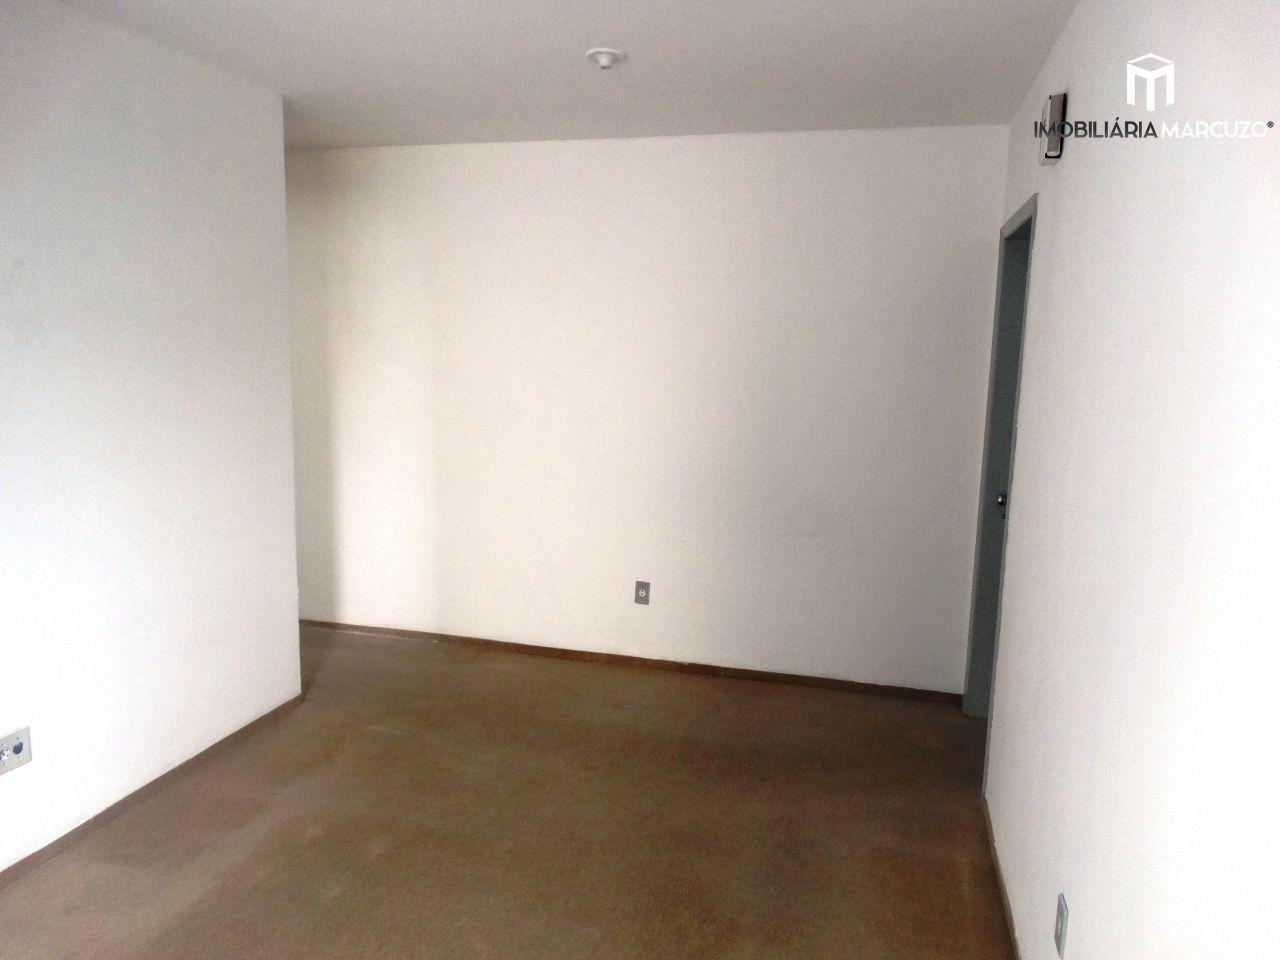 Apartamento com 1 Dormitórios à venda, 52 m² por R$ 180.000,00